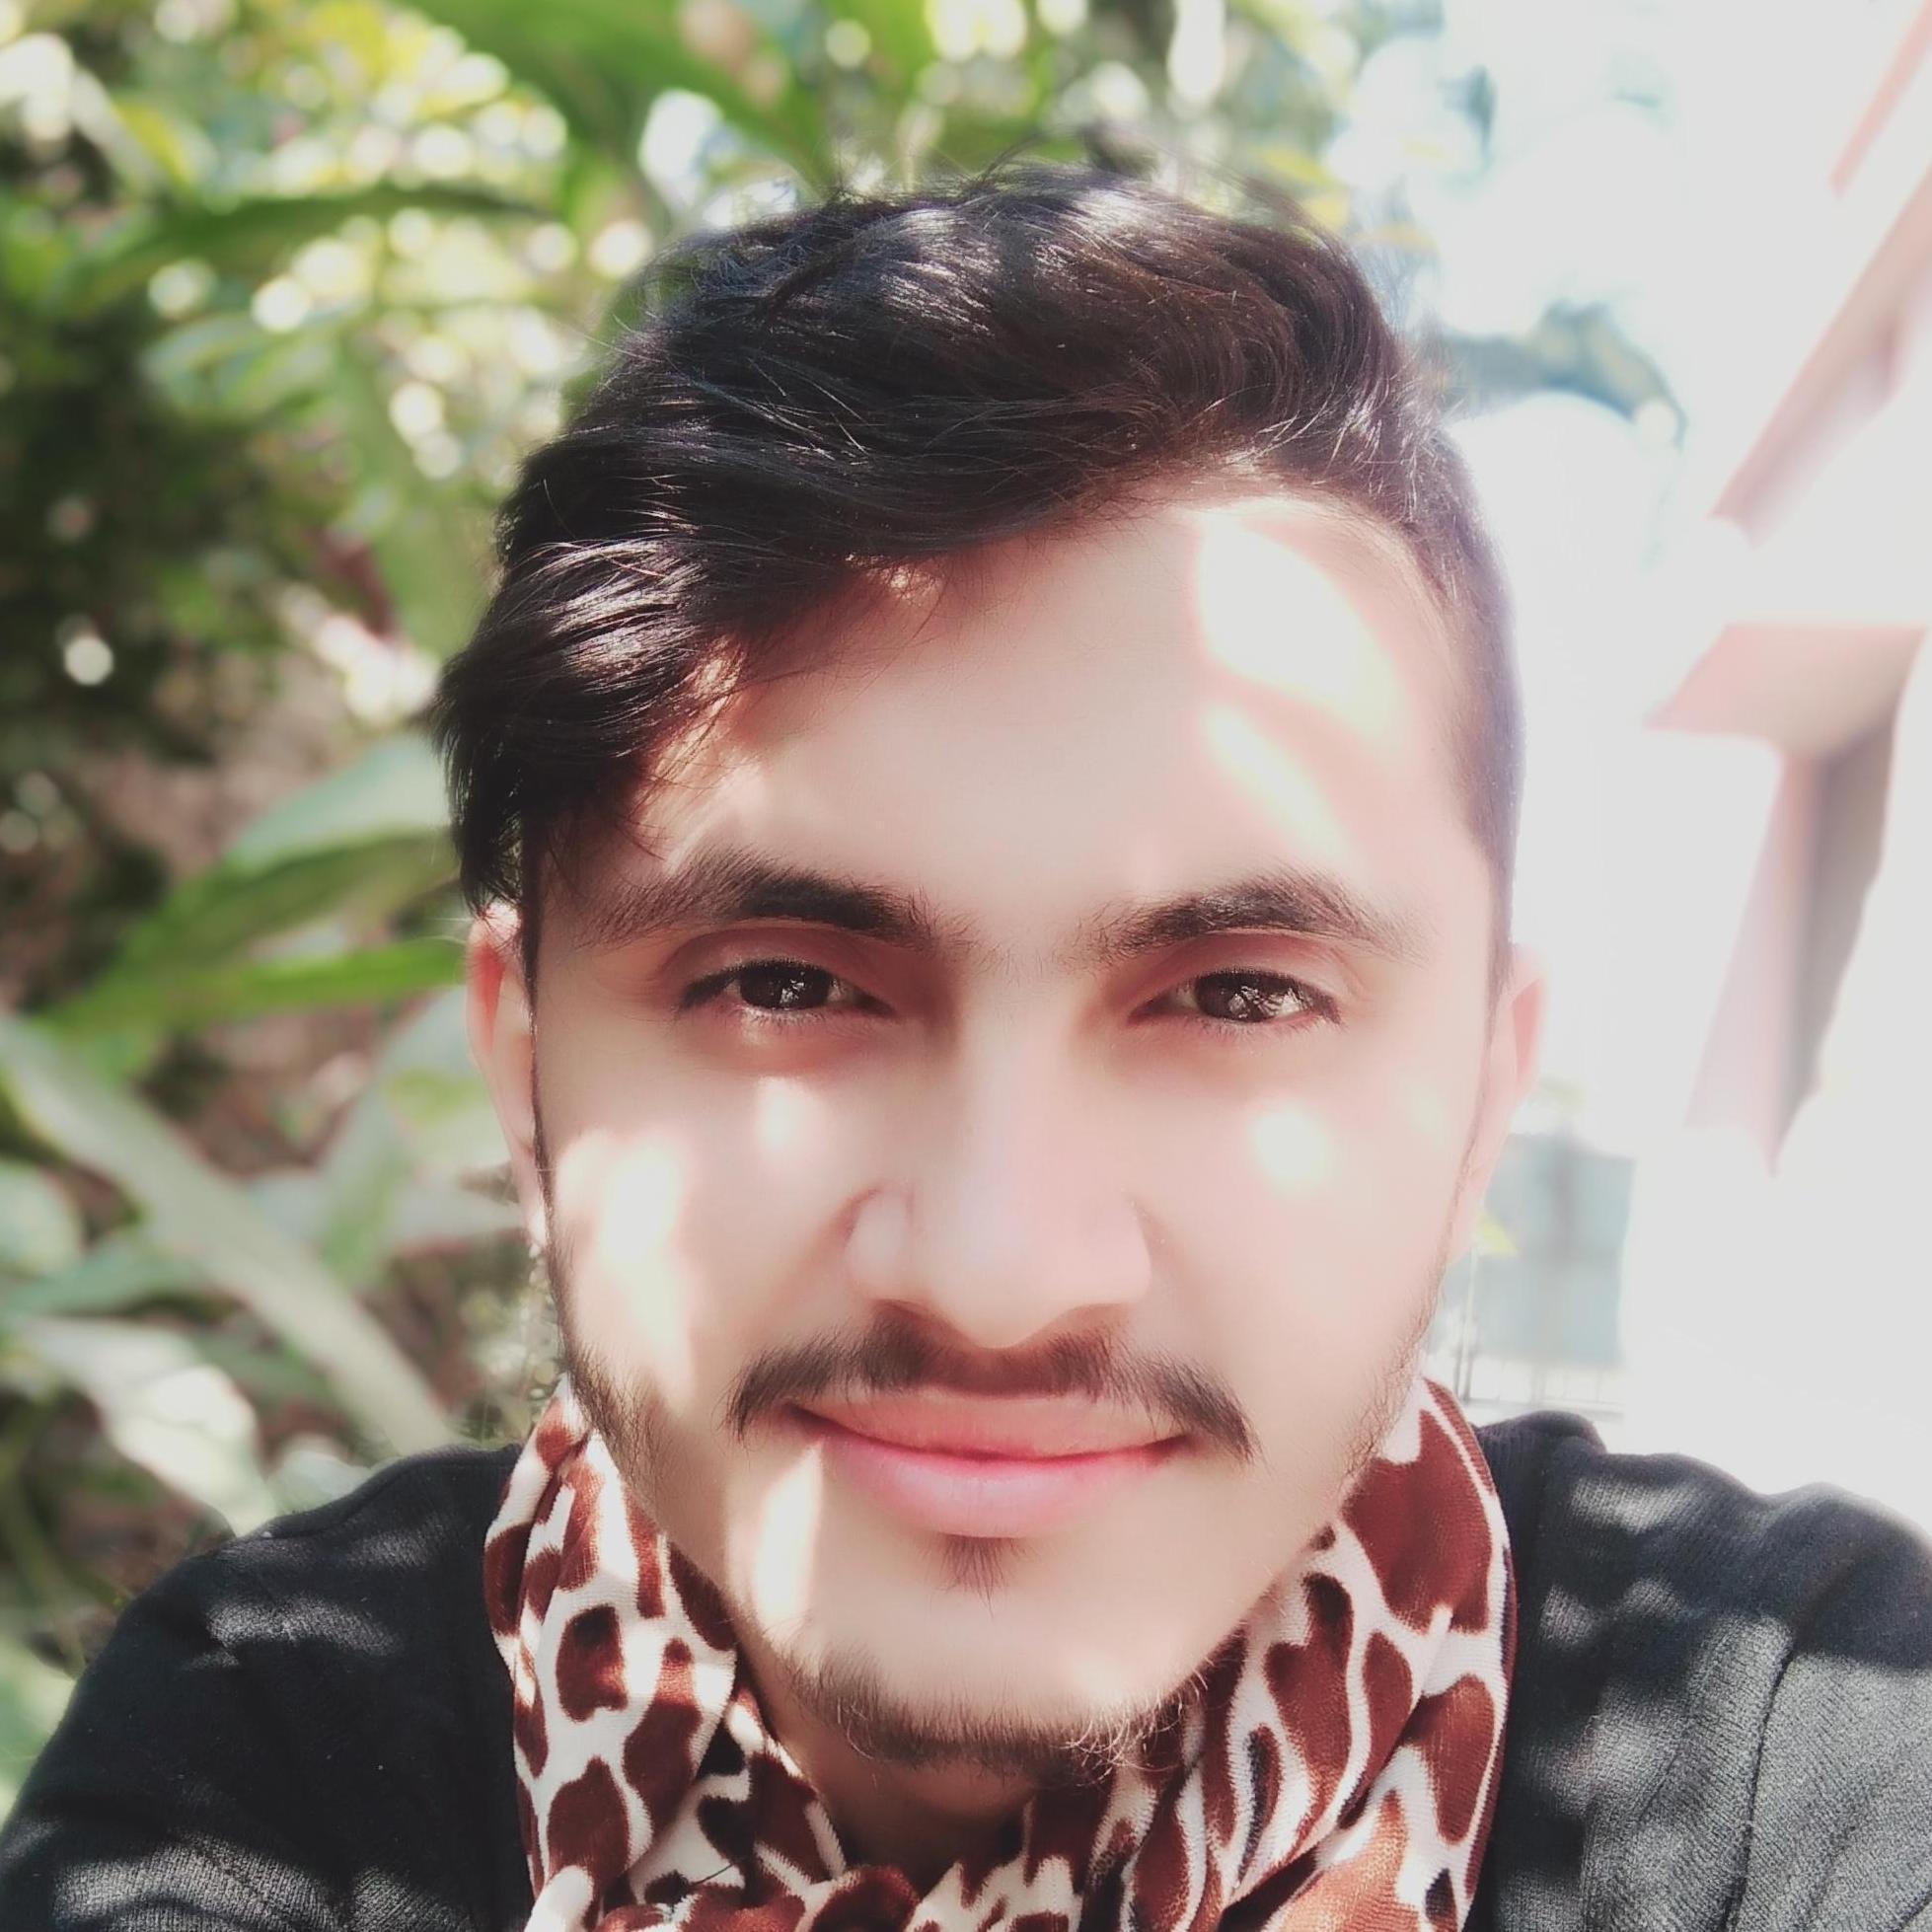 Sangam Upreti